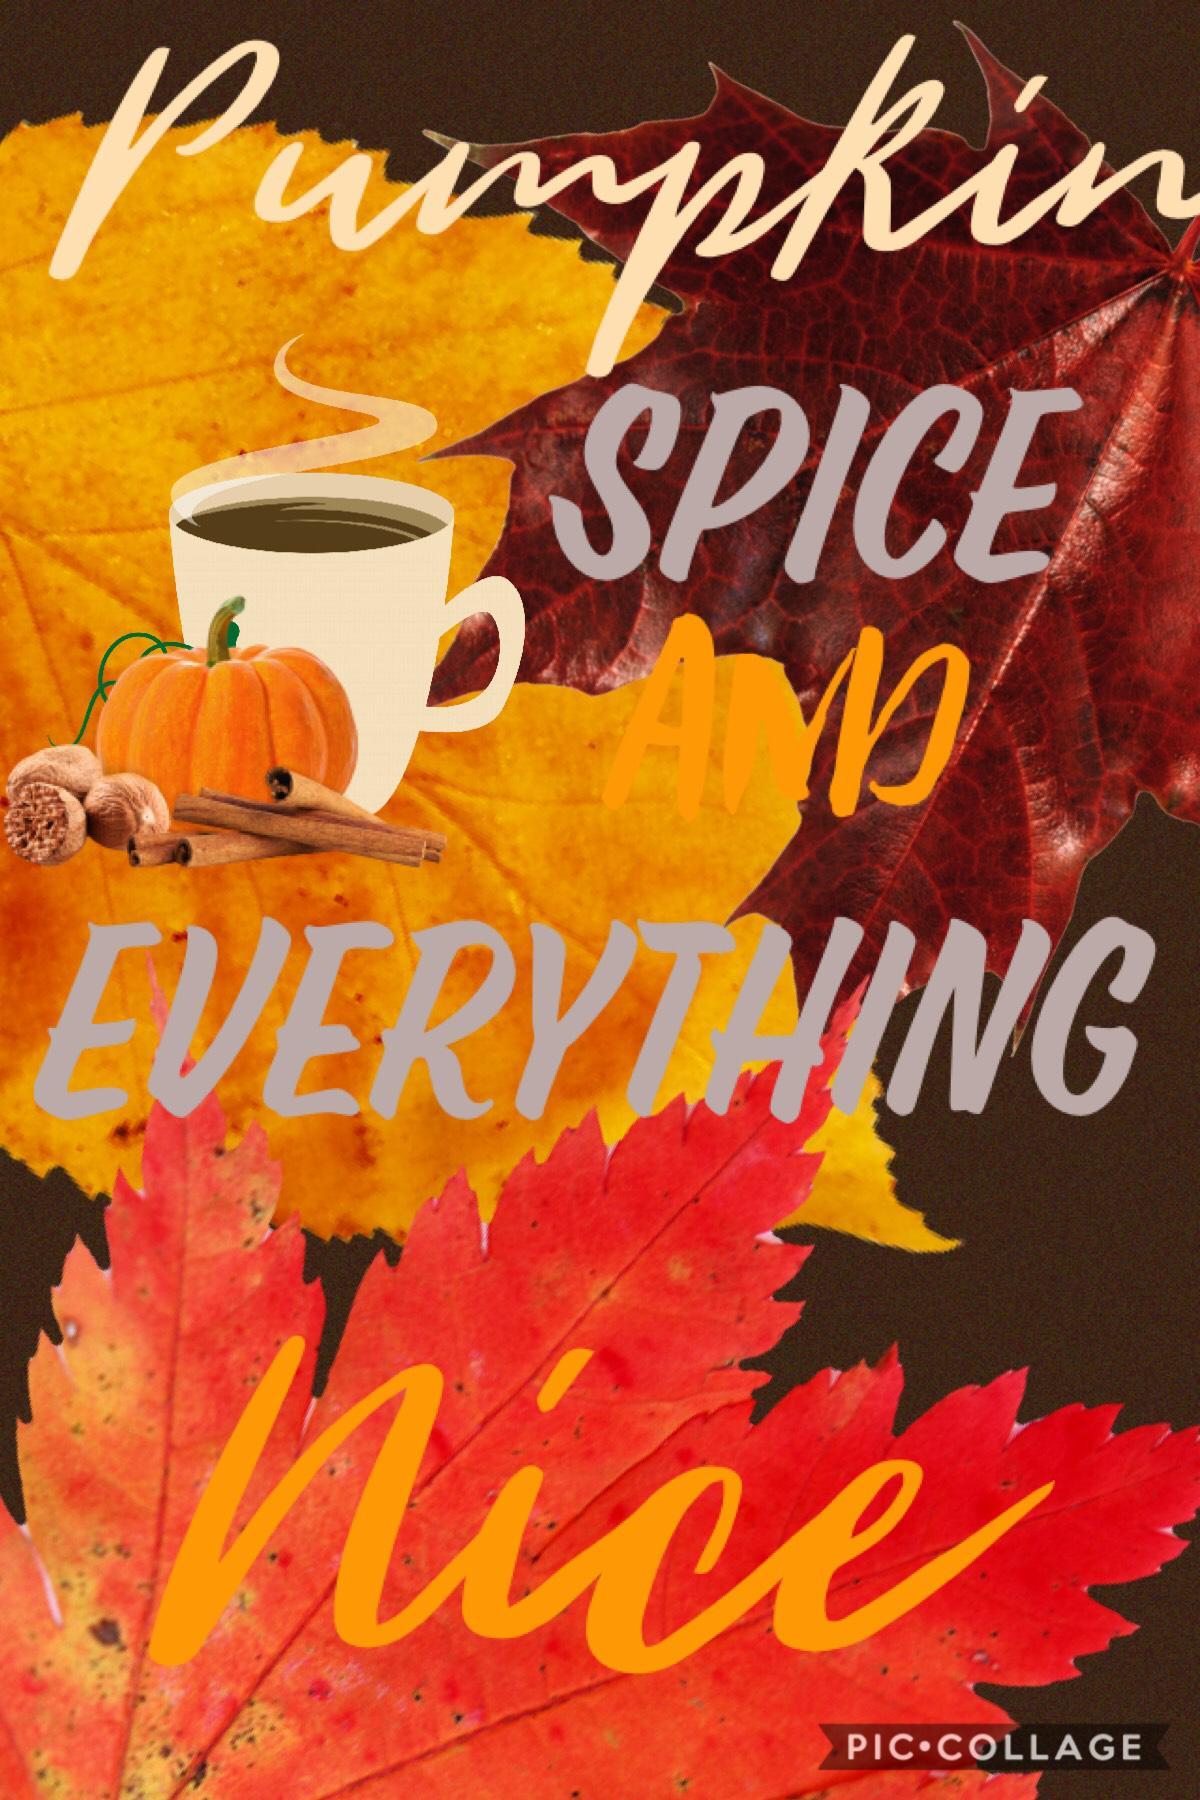 Fall Feelings are up! Just got a pumpkin spice latte from my boyfriend. So sweet!!